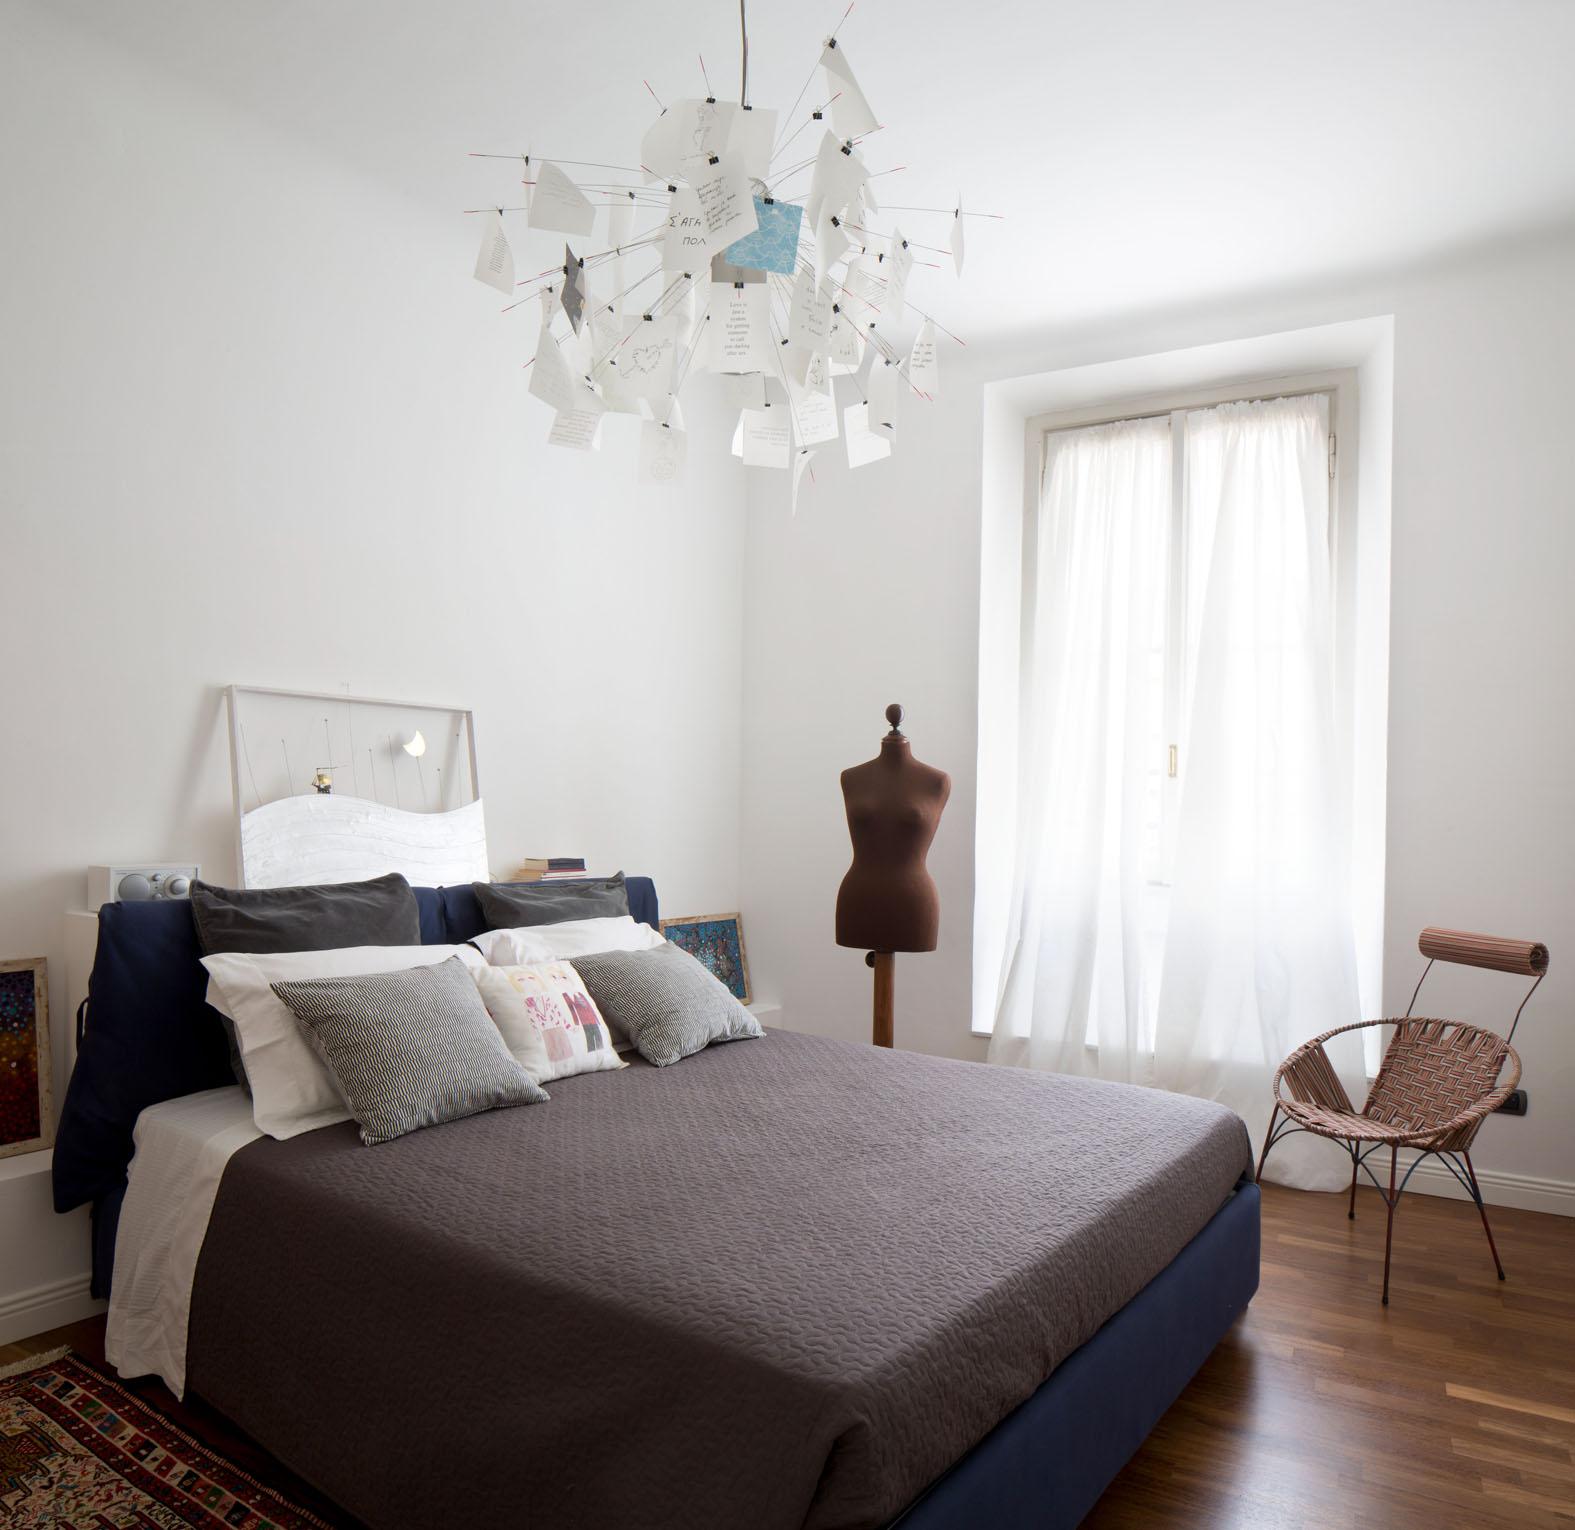 ristrutturazione, milano, interior design, deferrari modesti, camera da letto